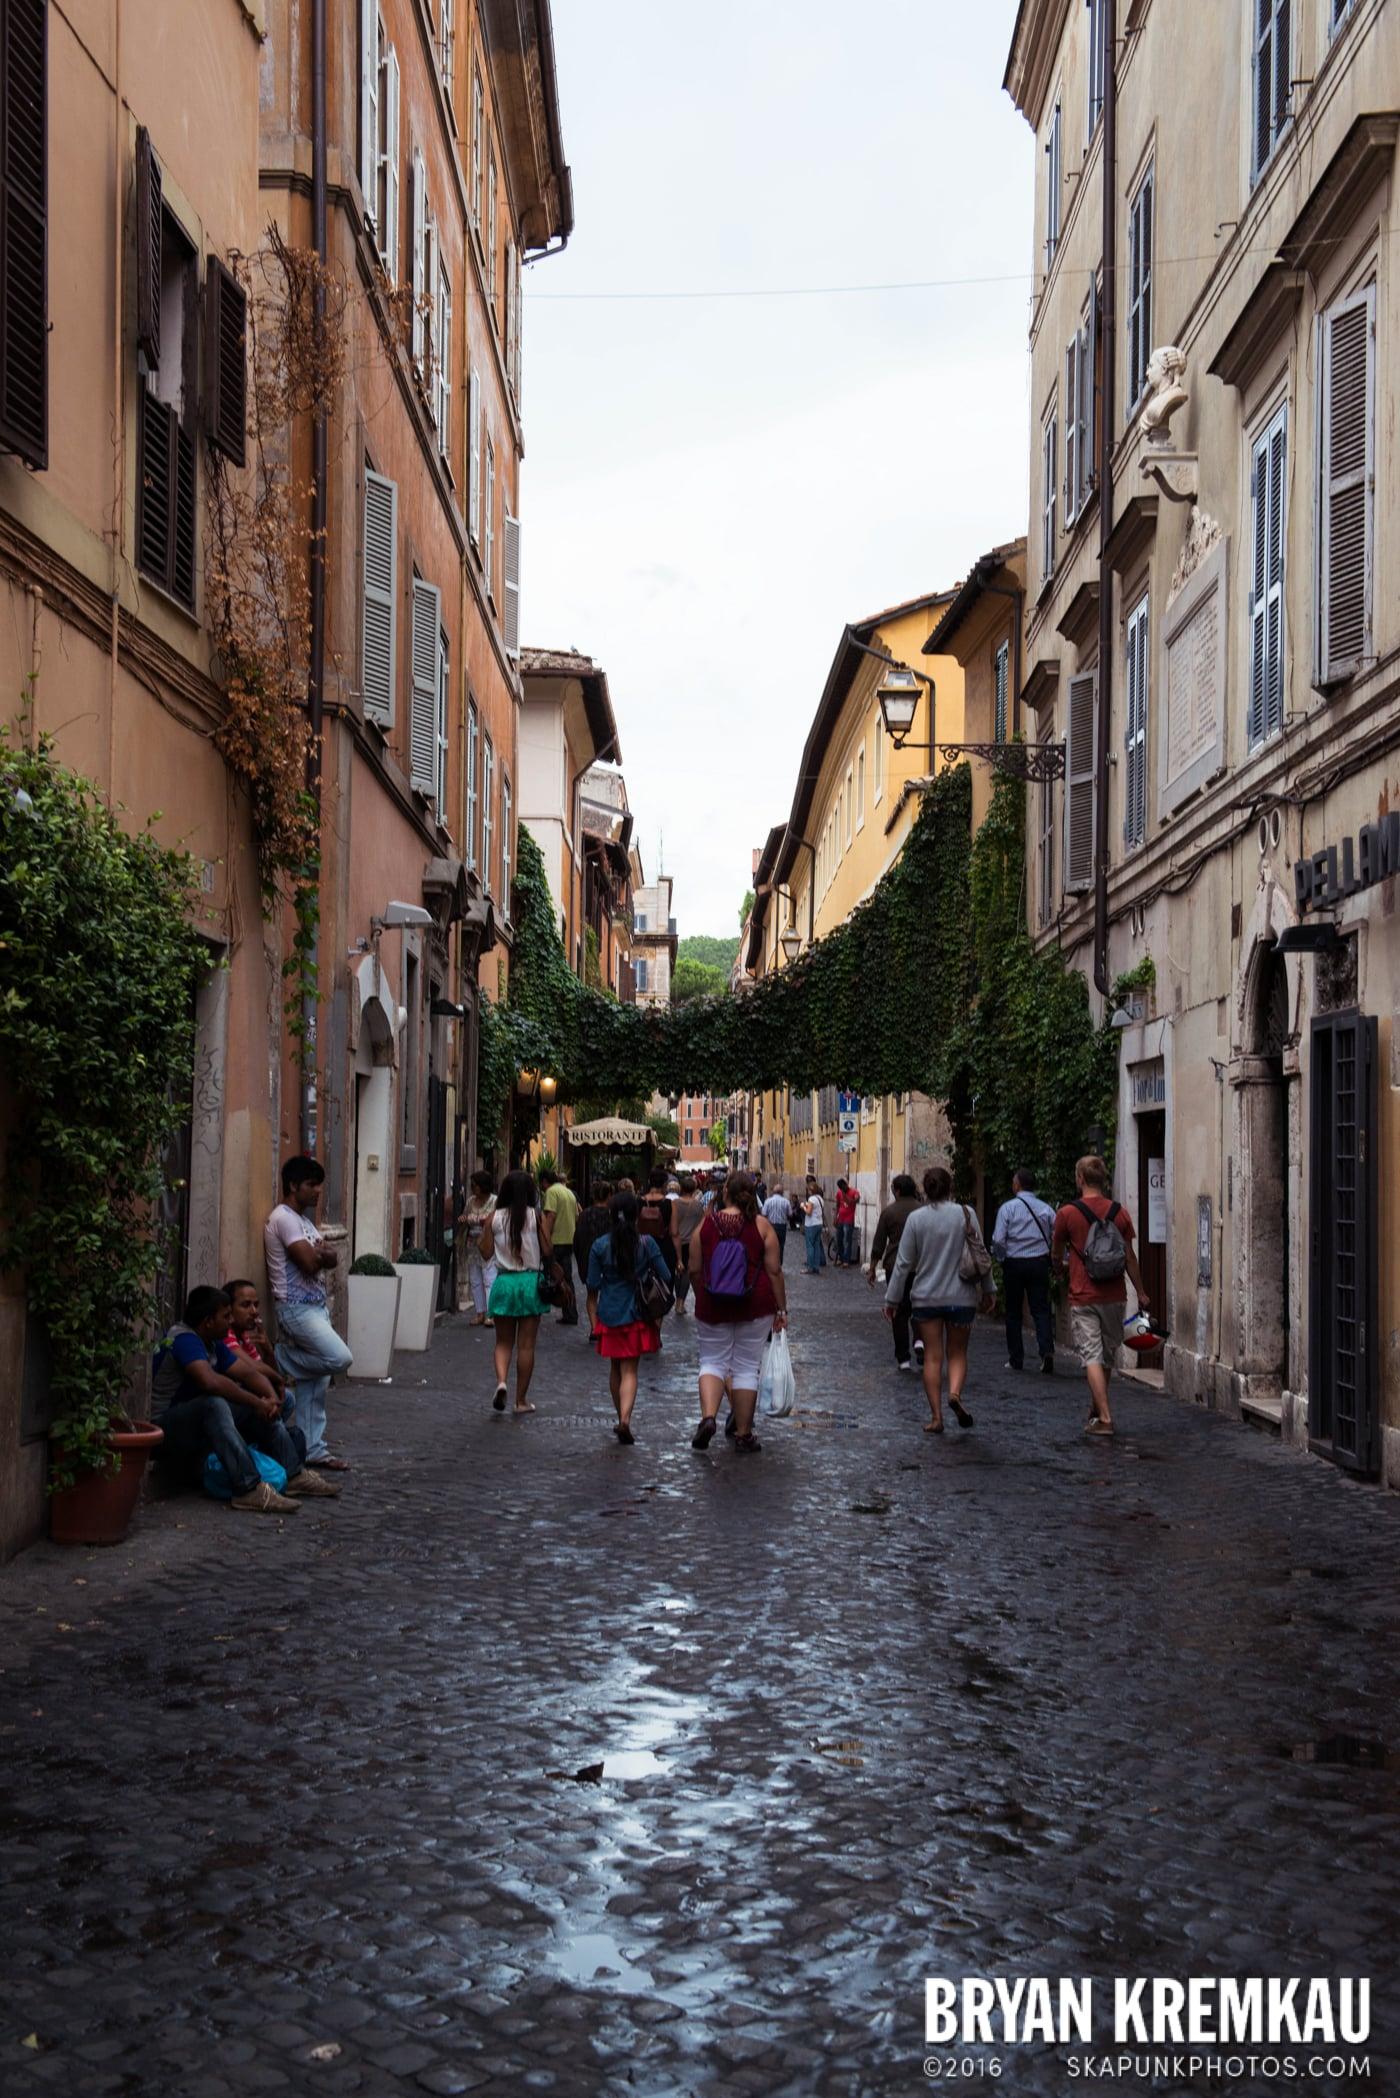 Italy Vacation - Day 2: Rome - 9.10.13 (35)